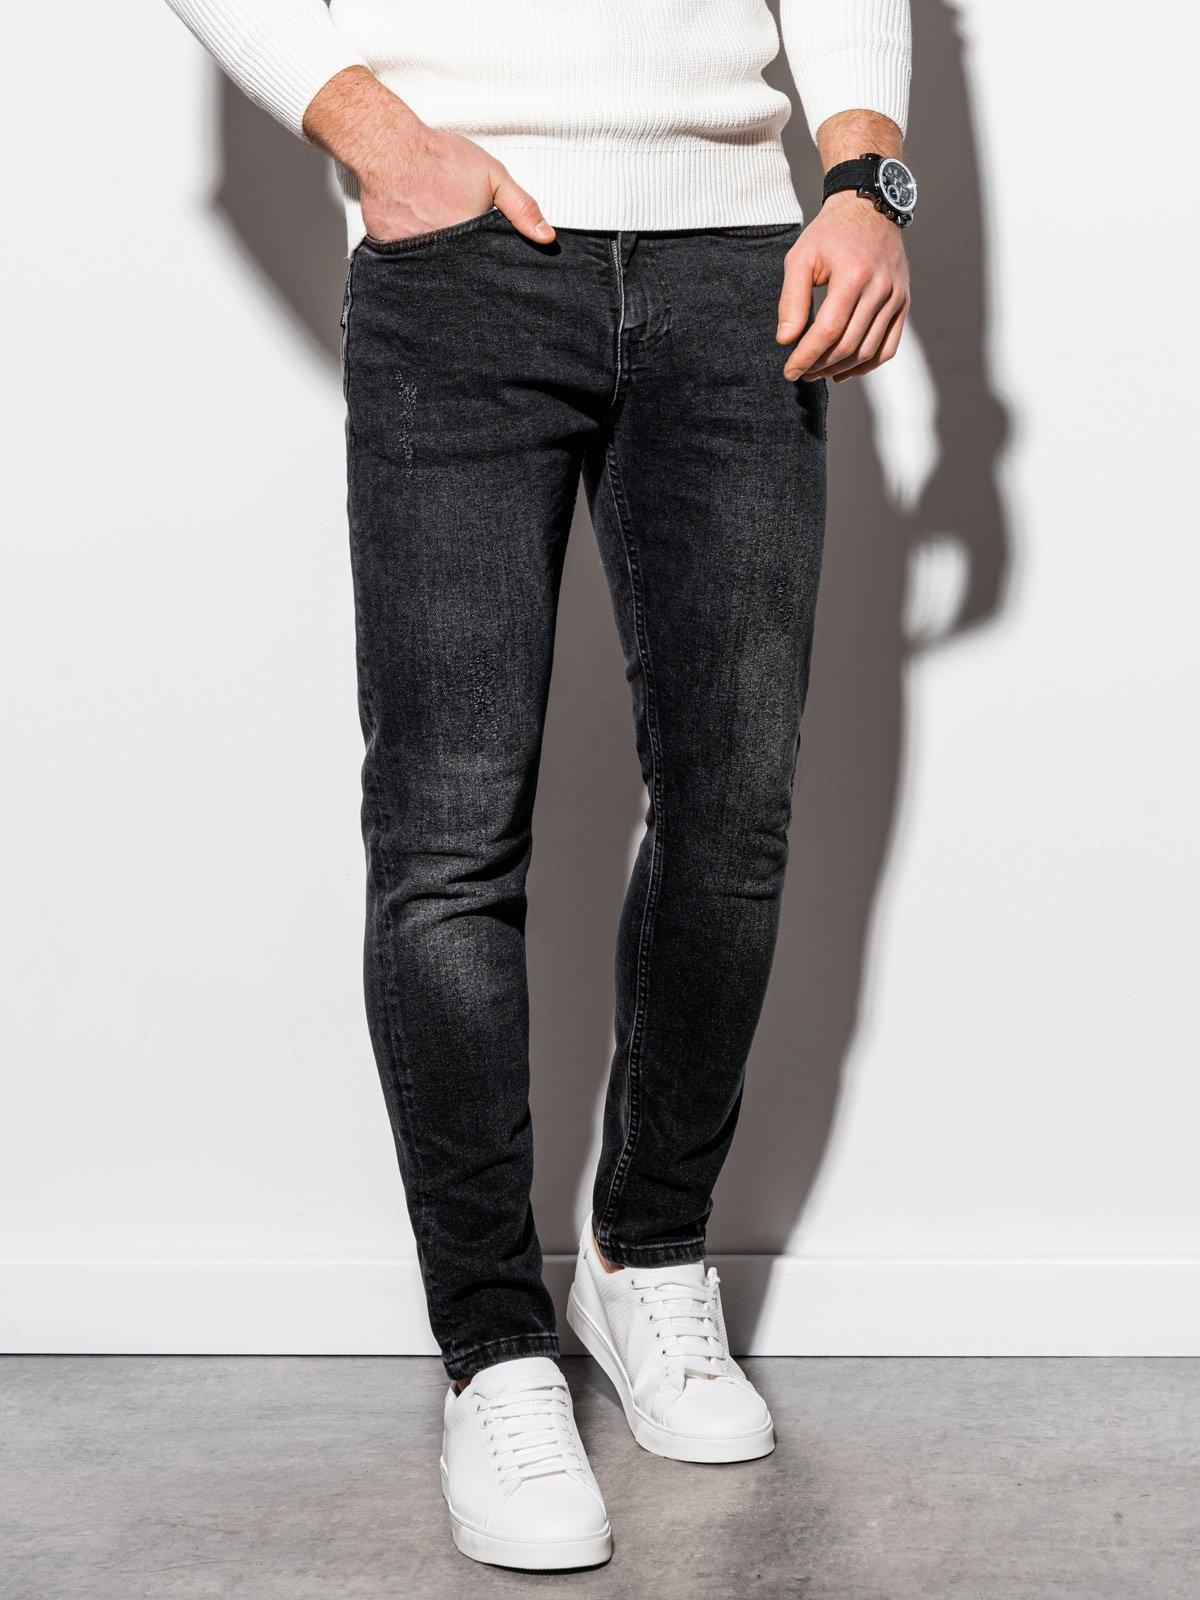 Pánské riflové kalhoty P940 - černé